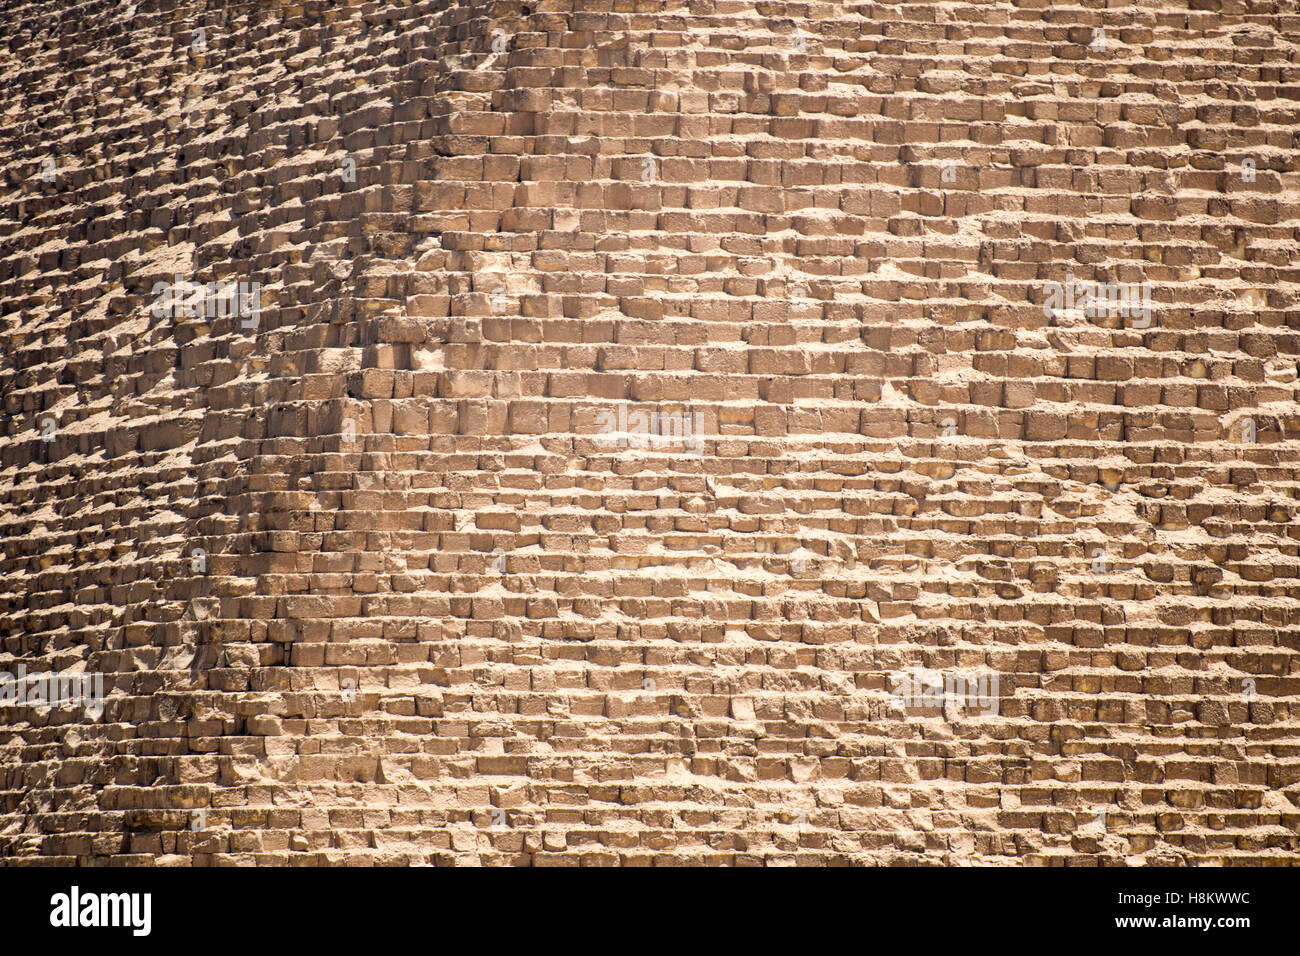 Kairo, Ägypten. Nahaufnahme der Verkleidungssteine (Kalkstein), aus denen sich die Pyramiden von Gizeh. Stockbild